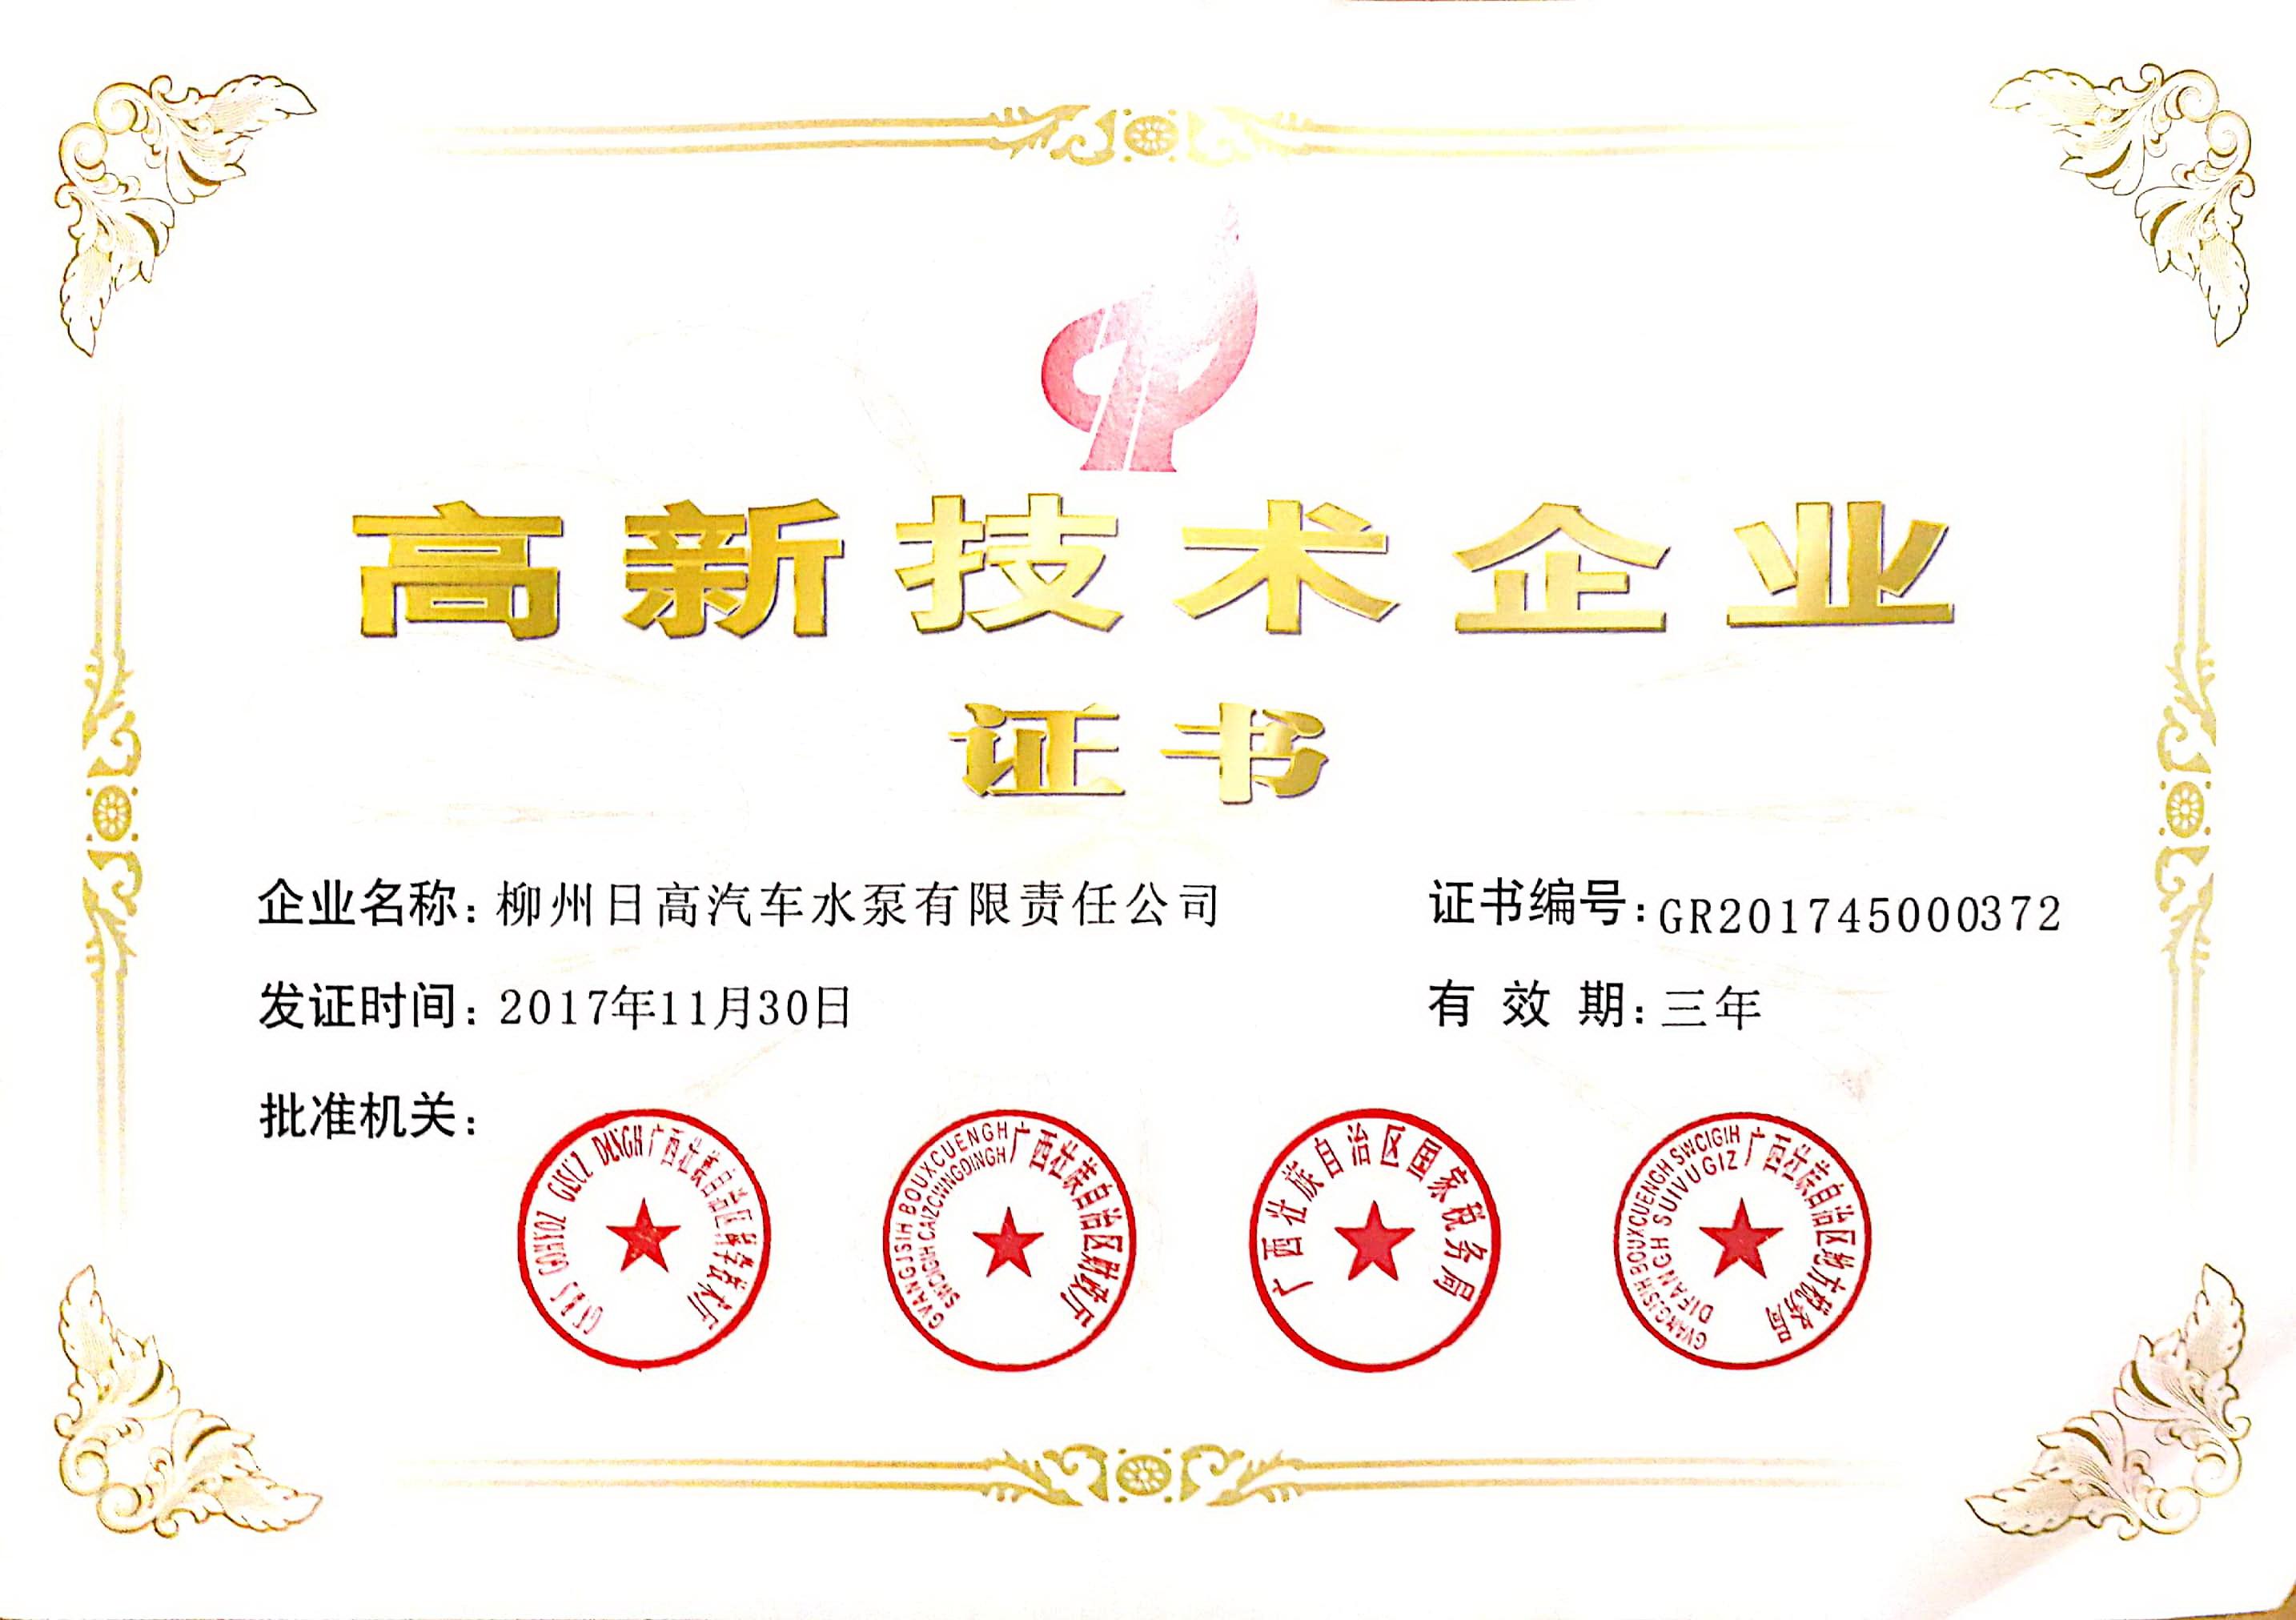 榮譽-2017高新技術企業證書